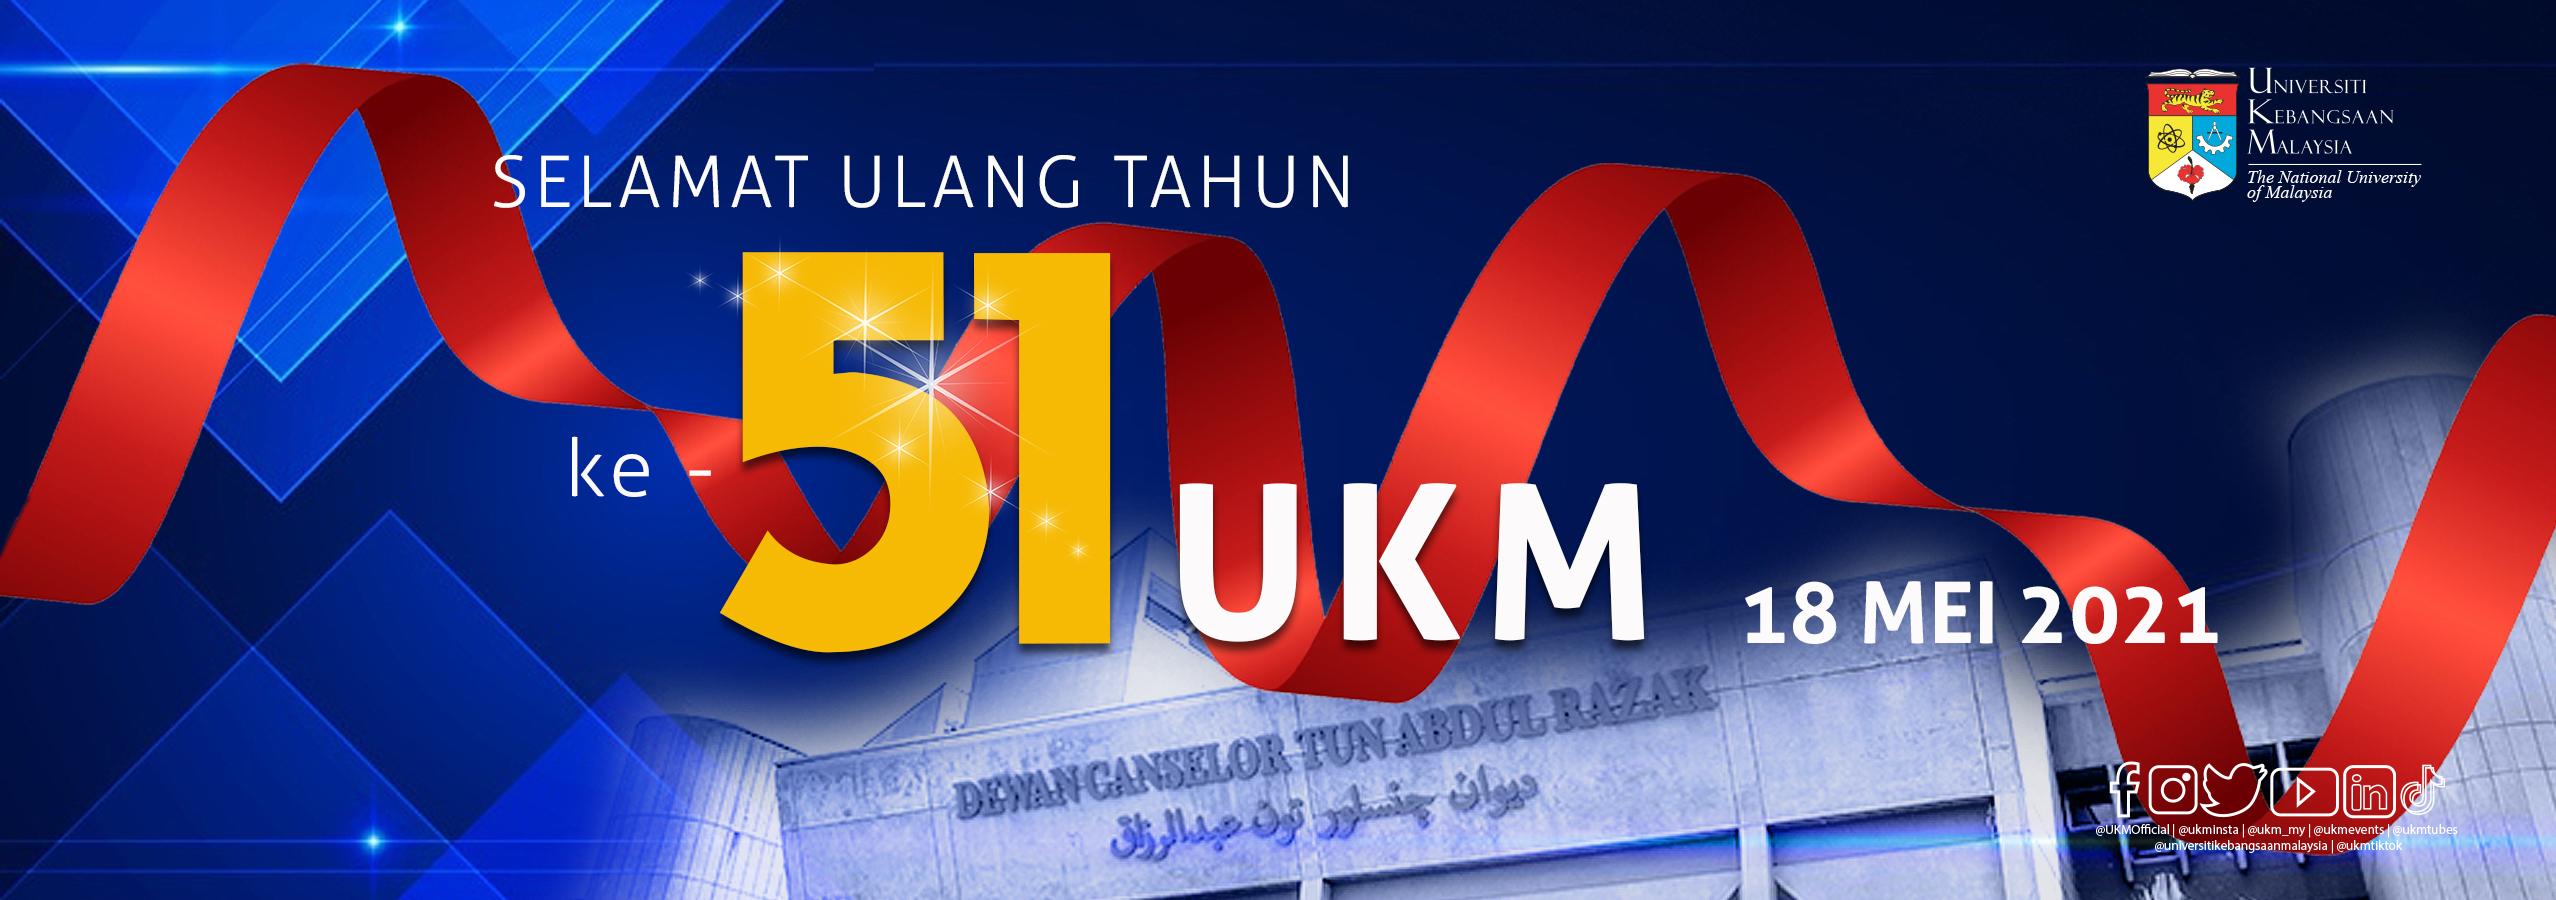 UKM 51 Tahun